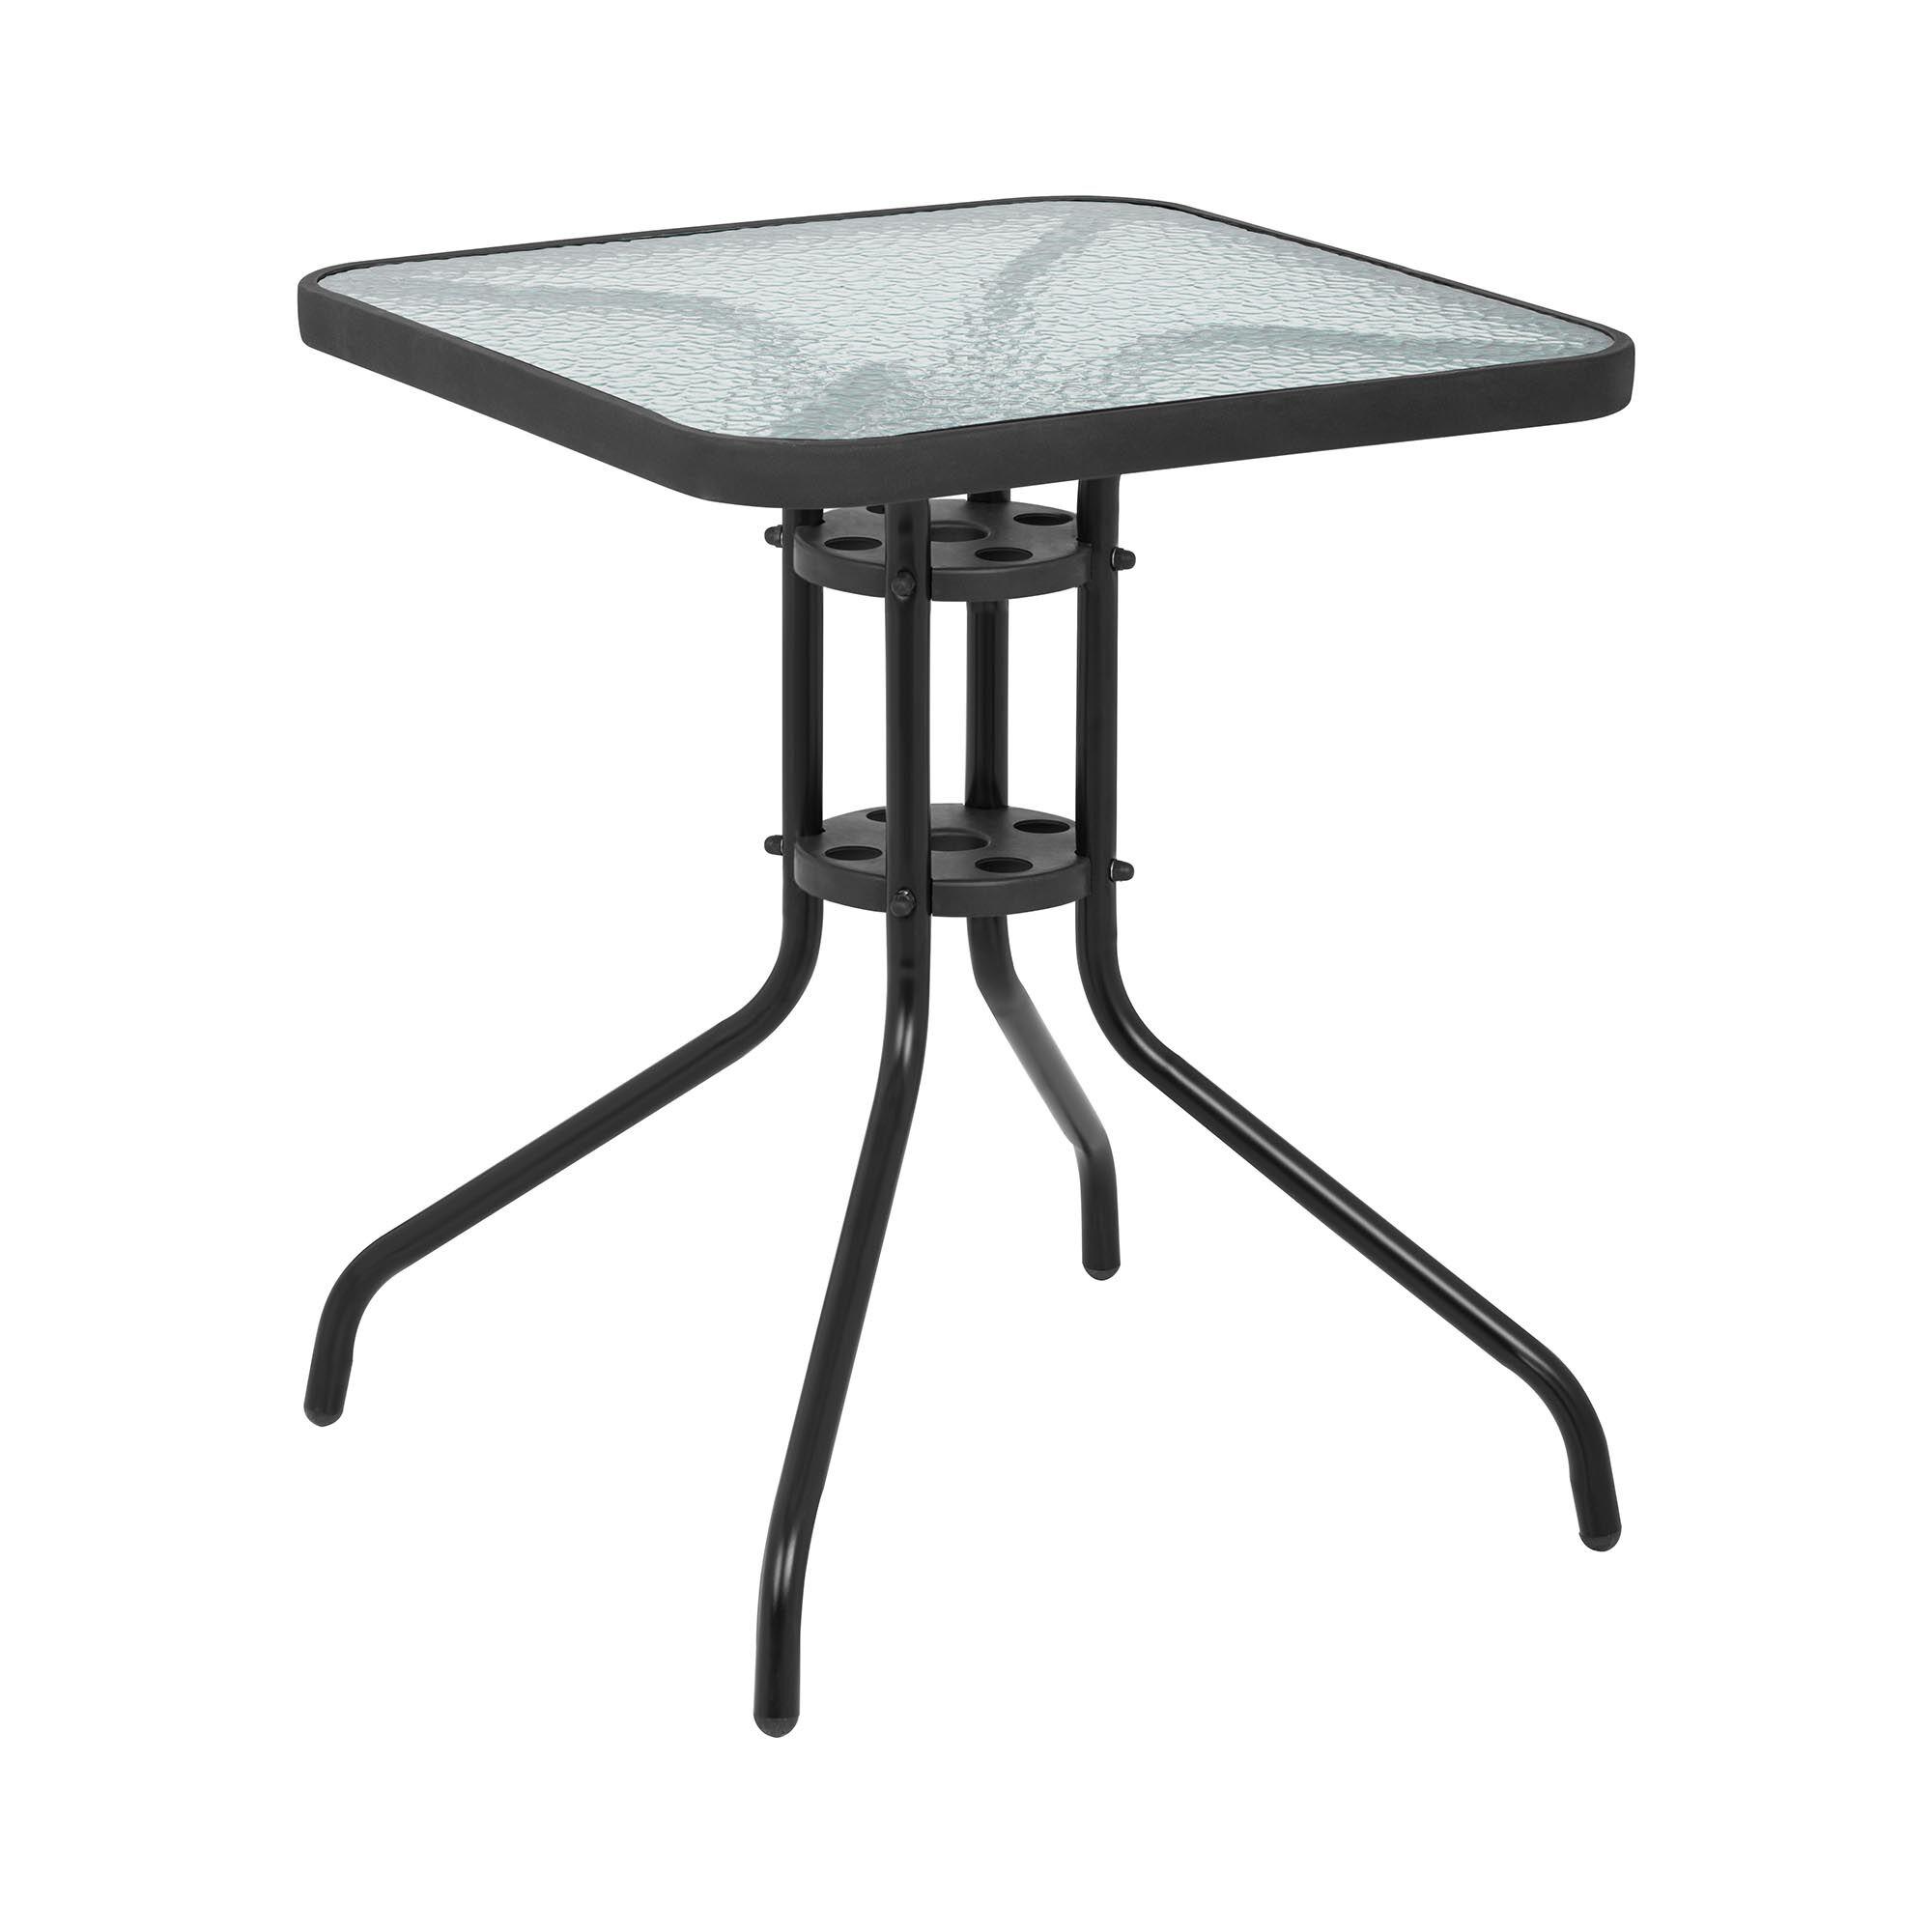 uniprodo tavolo da giardino - 60 x 60 cm - piano in vetro - nero uni_table_02